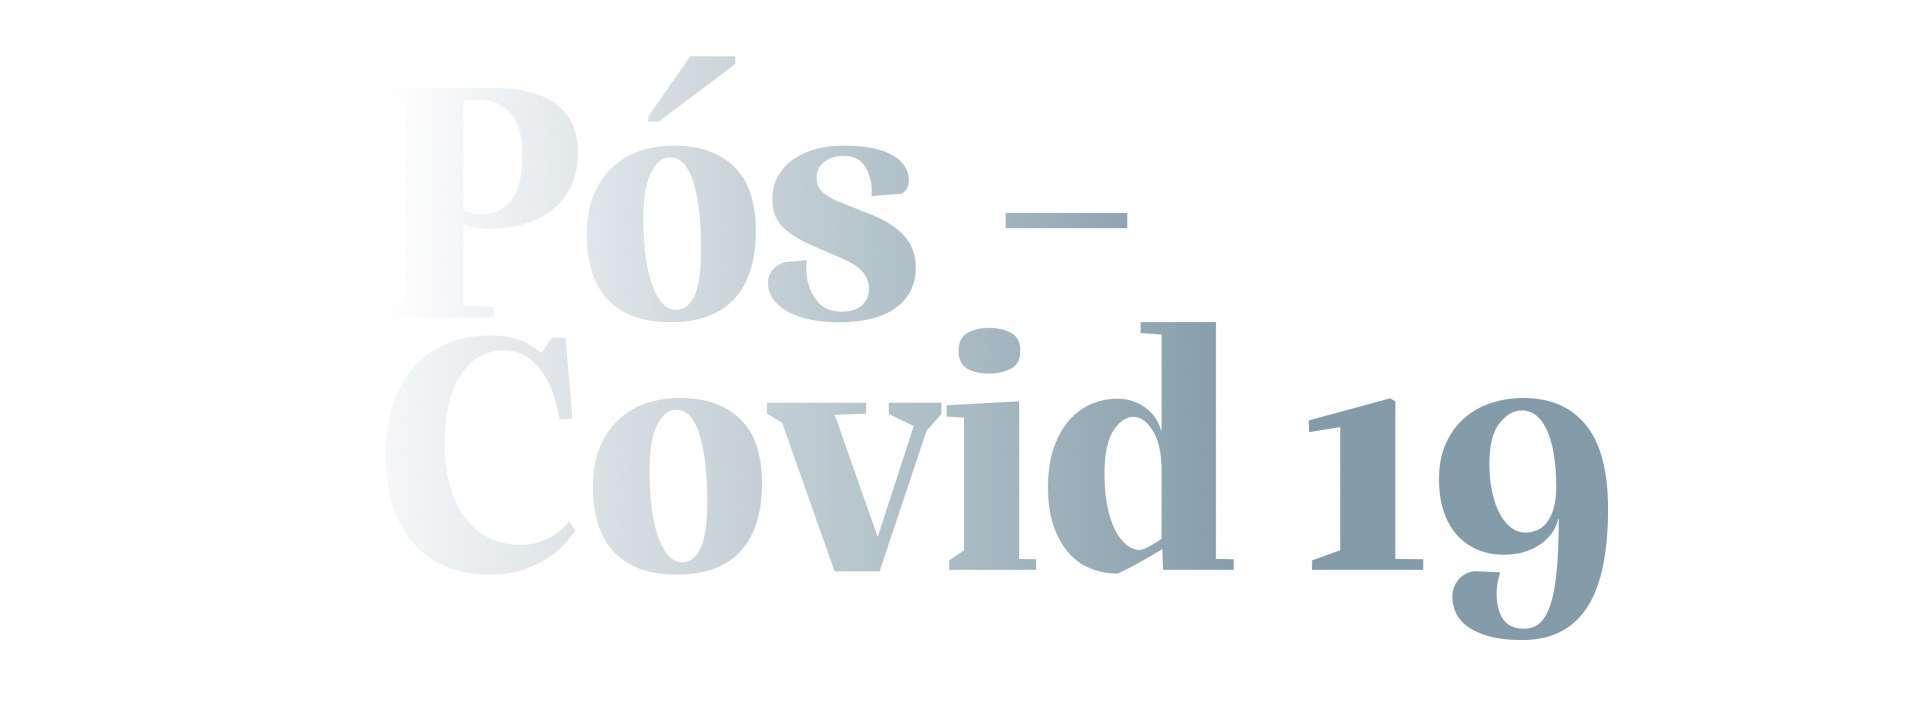 Especialistas temem sequelas deixadas pela Covid-19 em pacientes recuperados – O POVO